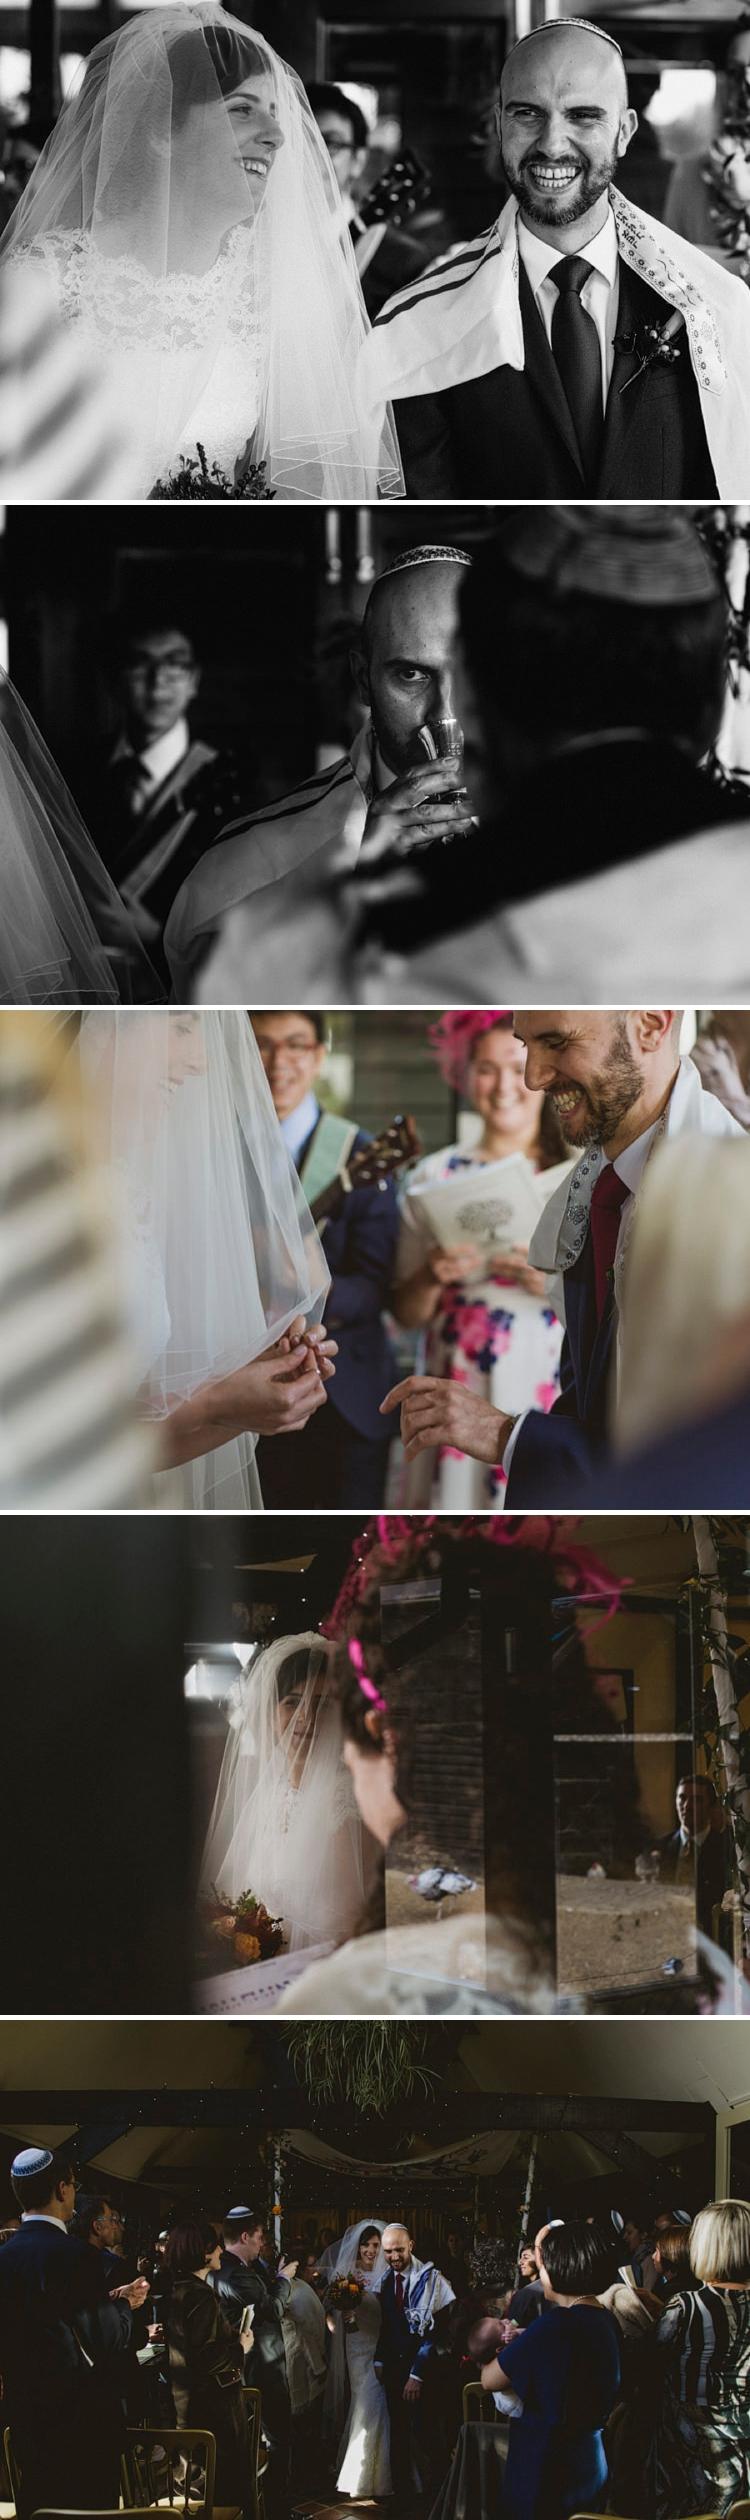 Jewish wedding on a farmhouseJewish wedding on a farmhouse